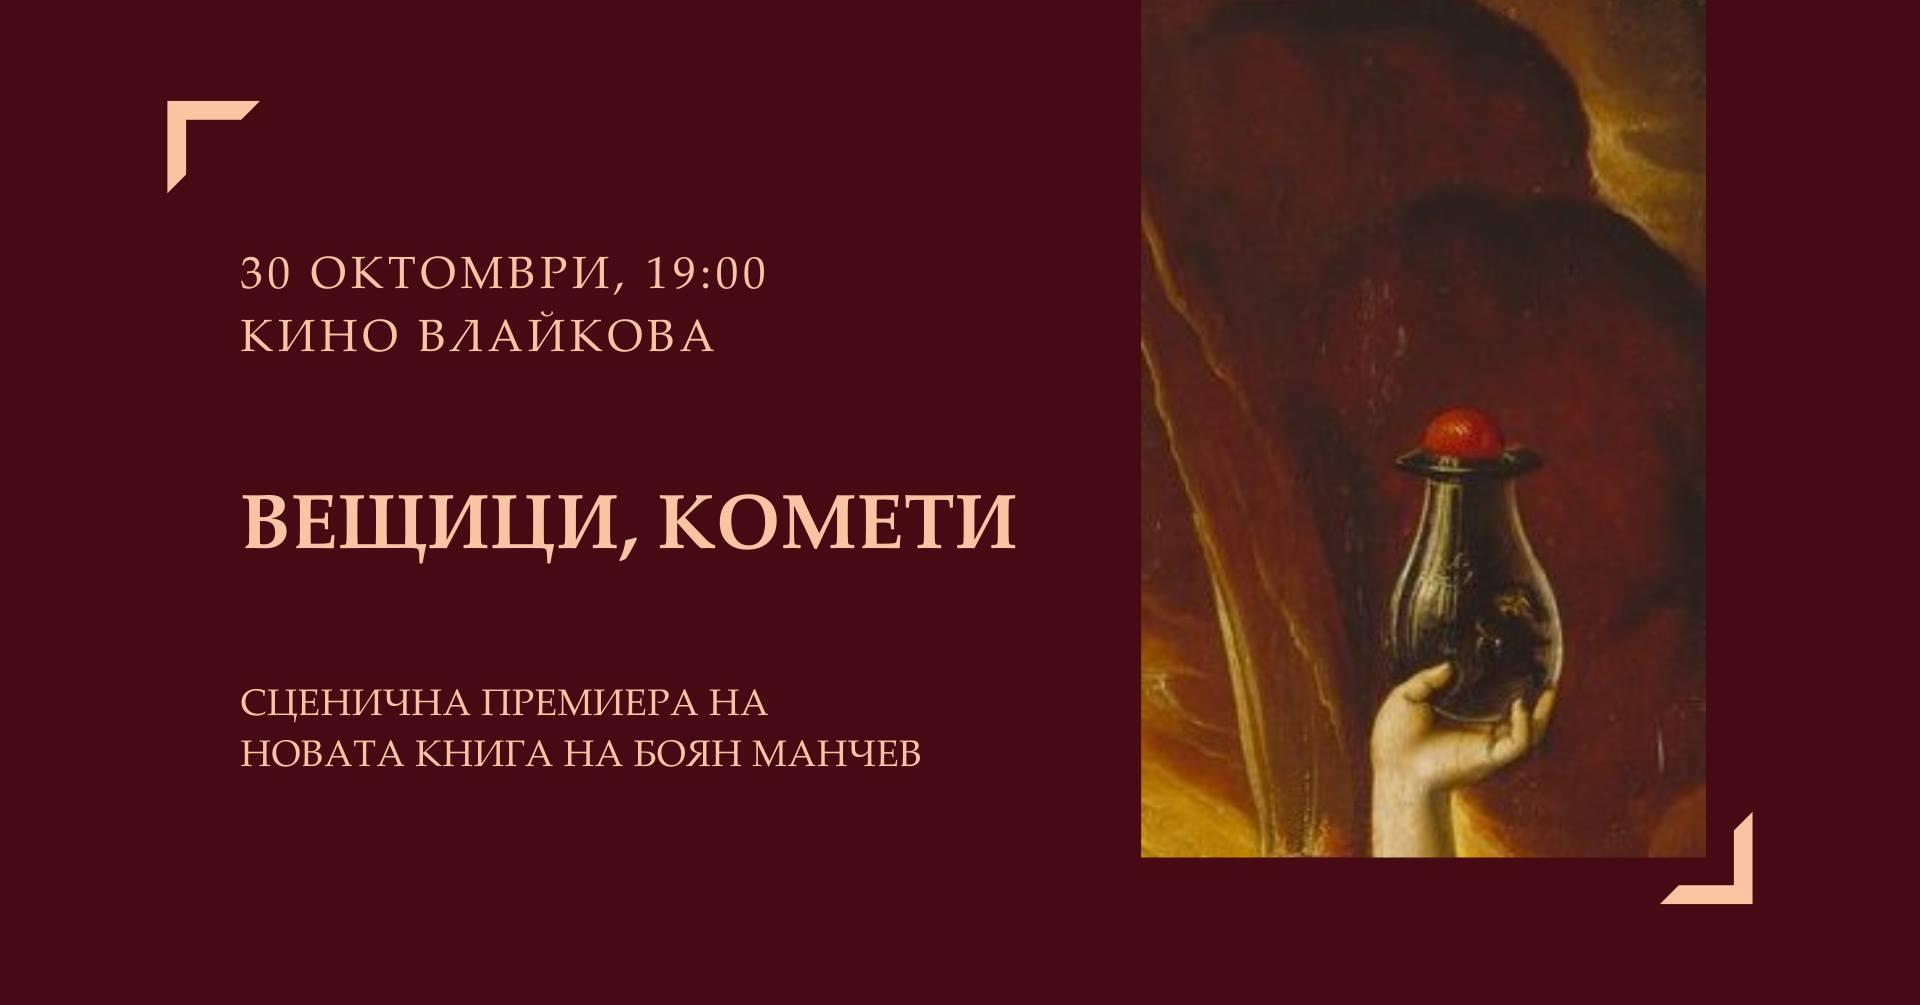 Вещици, комети: сценична премиера на новата книга на Боян Манчев